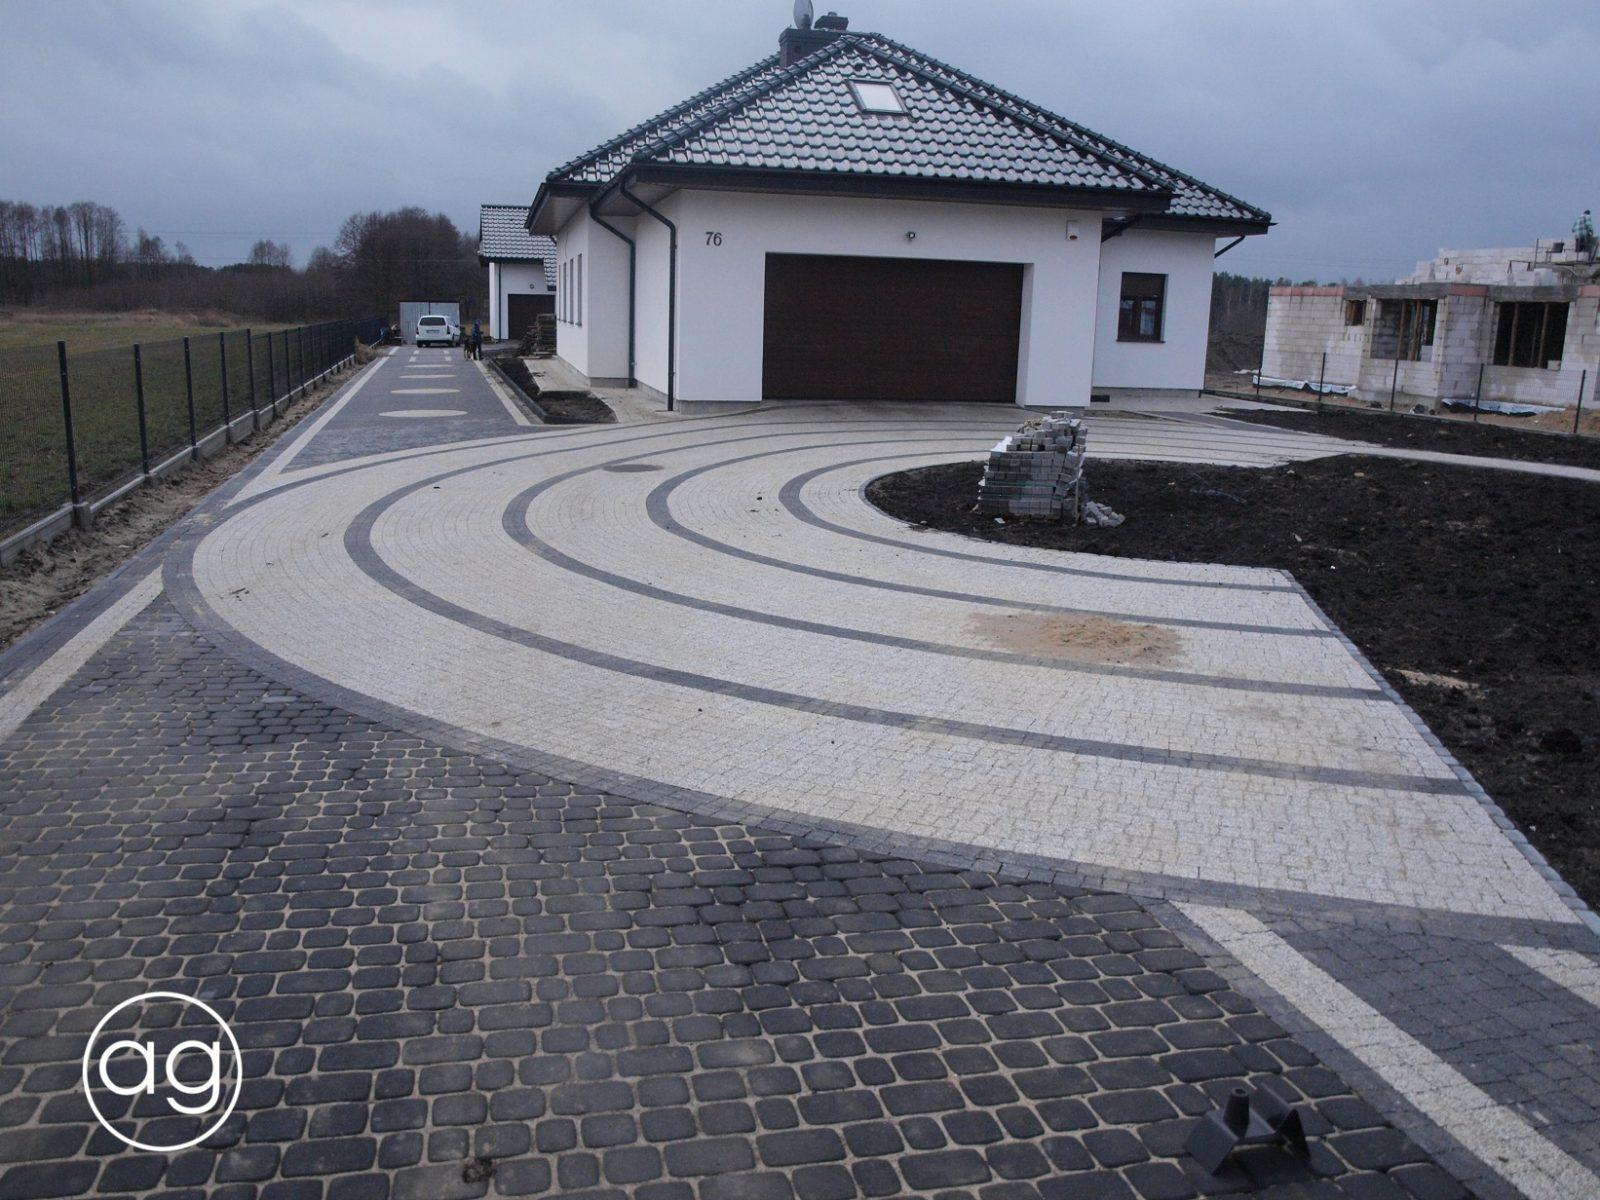 projektowanie ogrodów, ogród wZłotorii, Agnieszka Gertner, agnieszkagertnerblog, nowa kostka, nawierzchnia betonowa